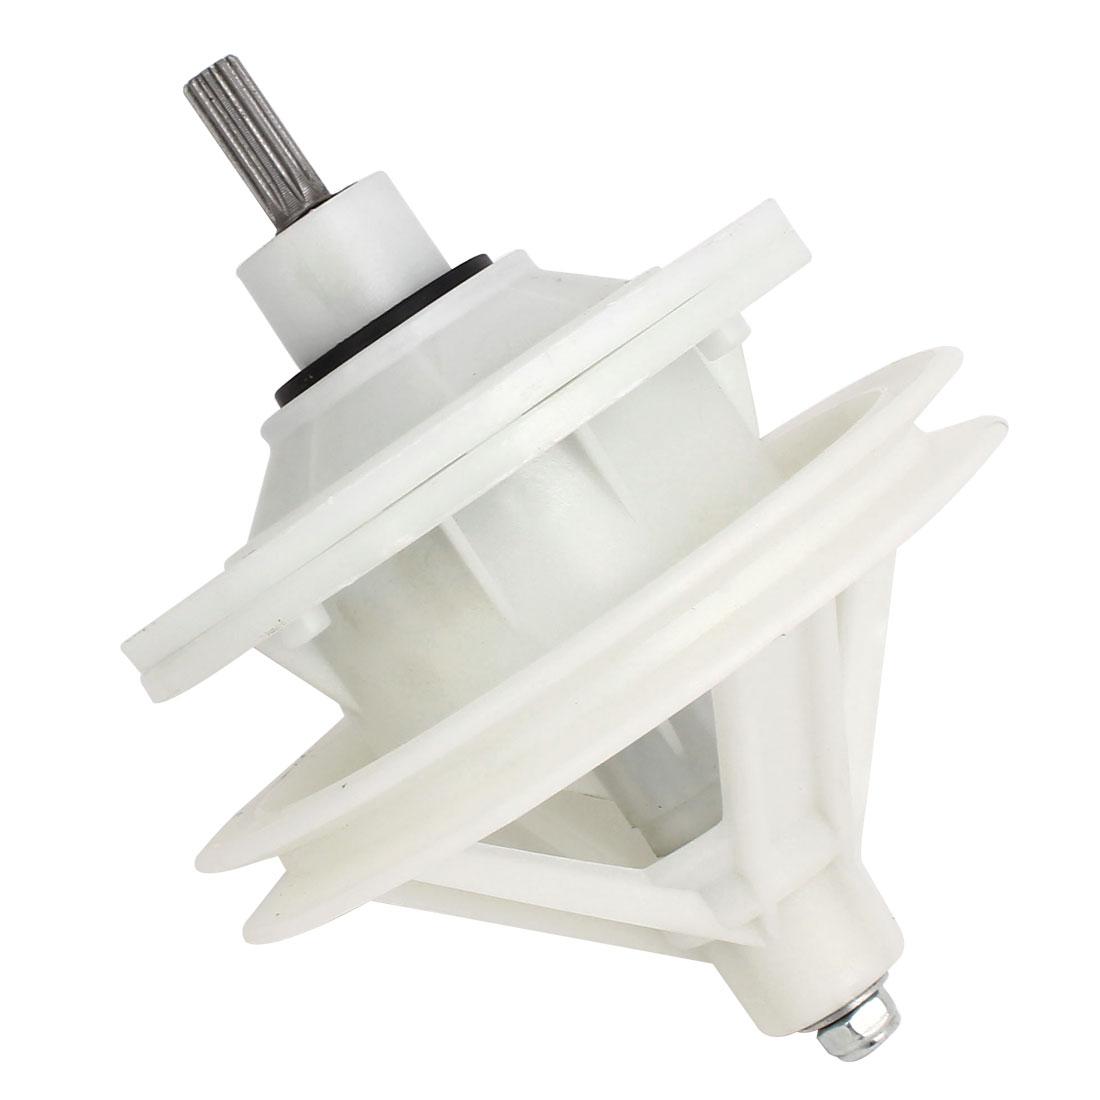 30mm Shaft Washing Machine Transmission 10 Splines Shaft 4 Hole Base 149mmx190mm